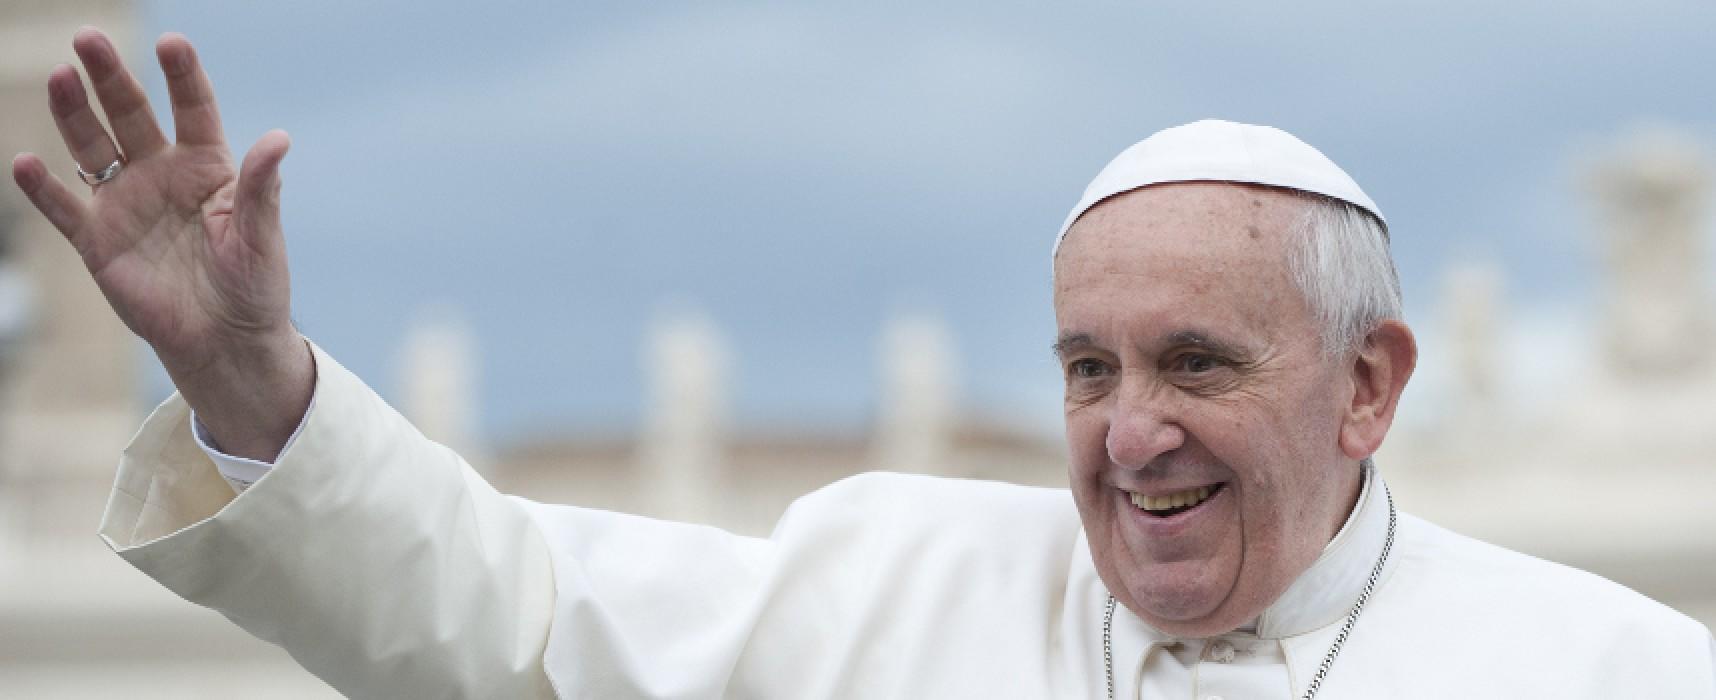 L'Associazione Giovanni Paolo II a Roma per i cento anni dalla nascita di Papa Woytila